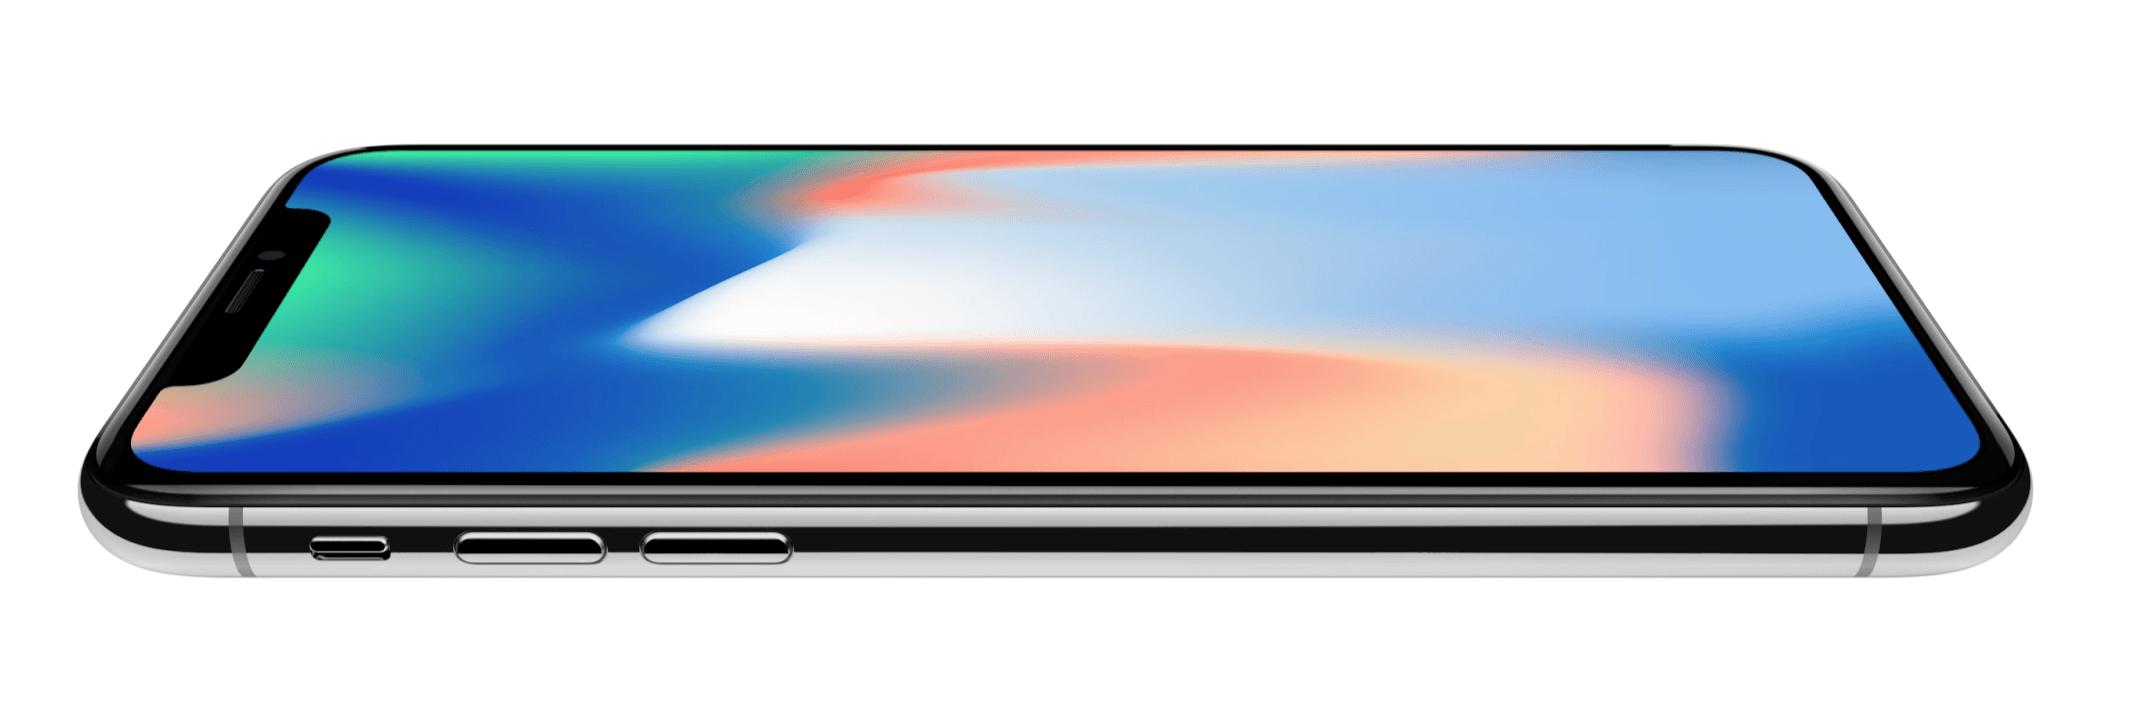 Iphone X Länge